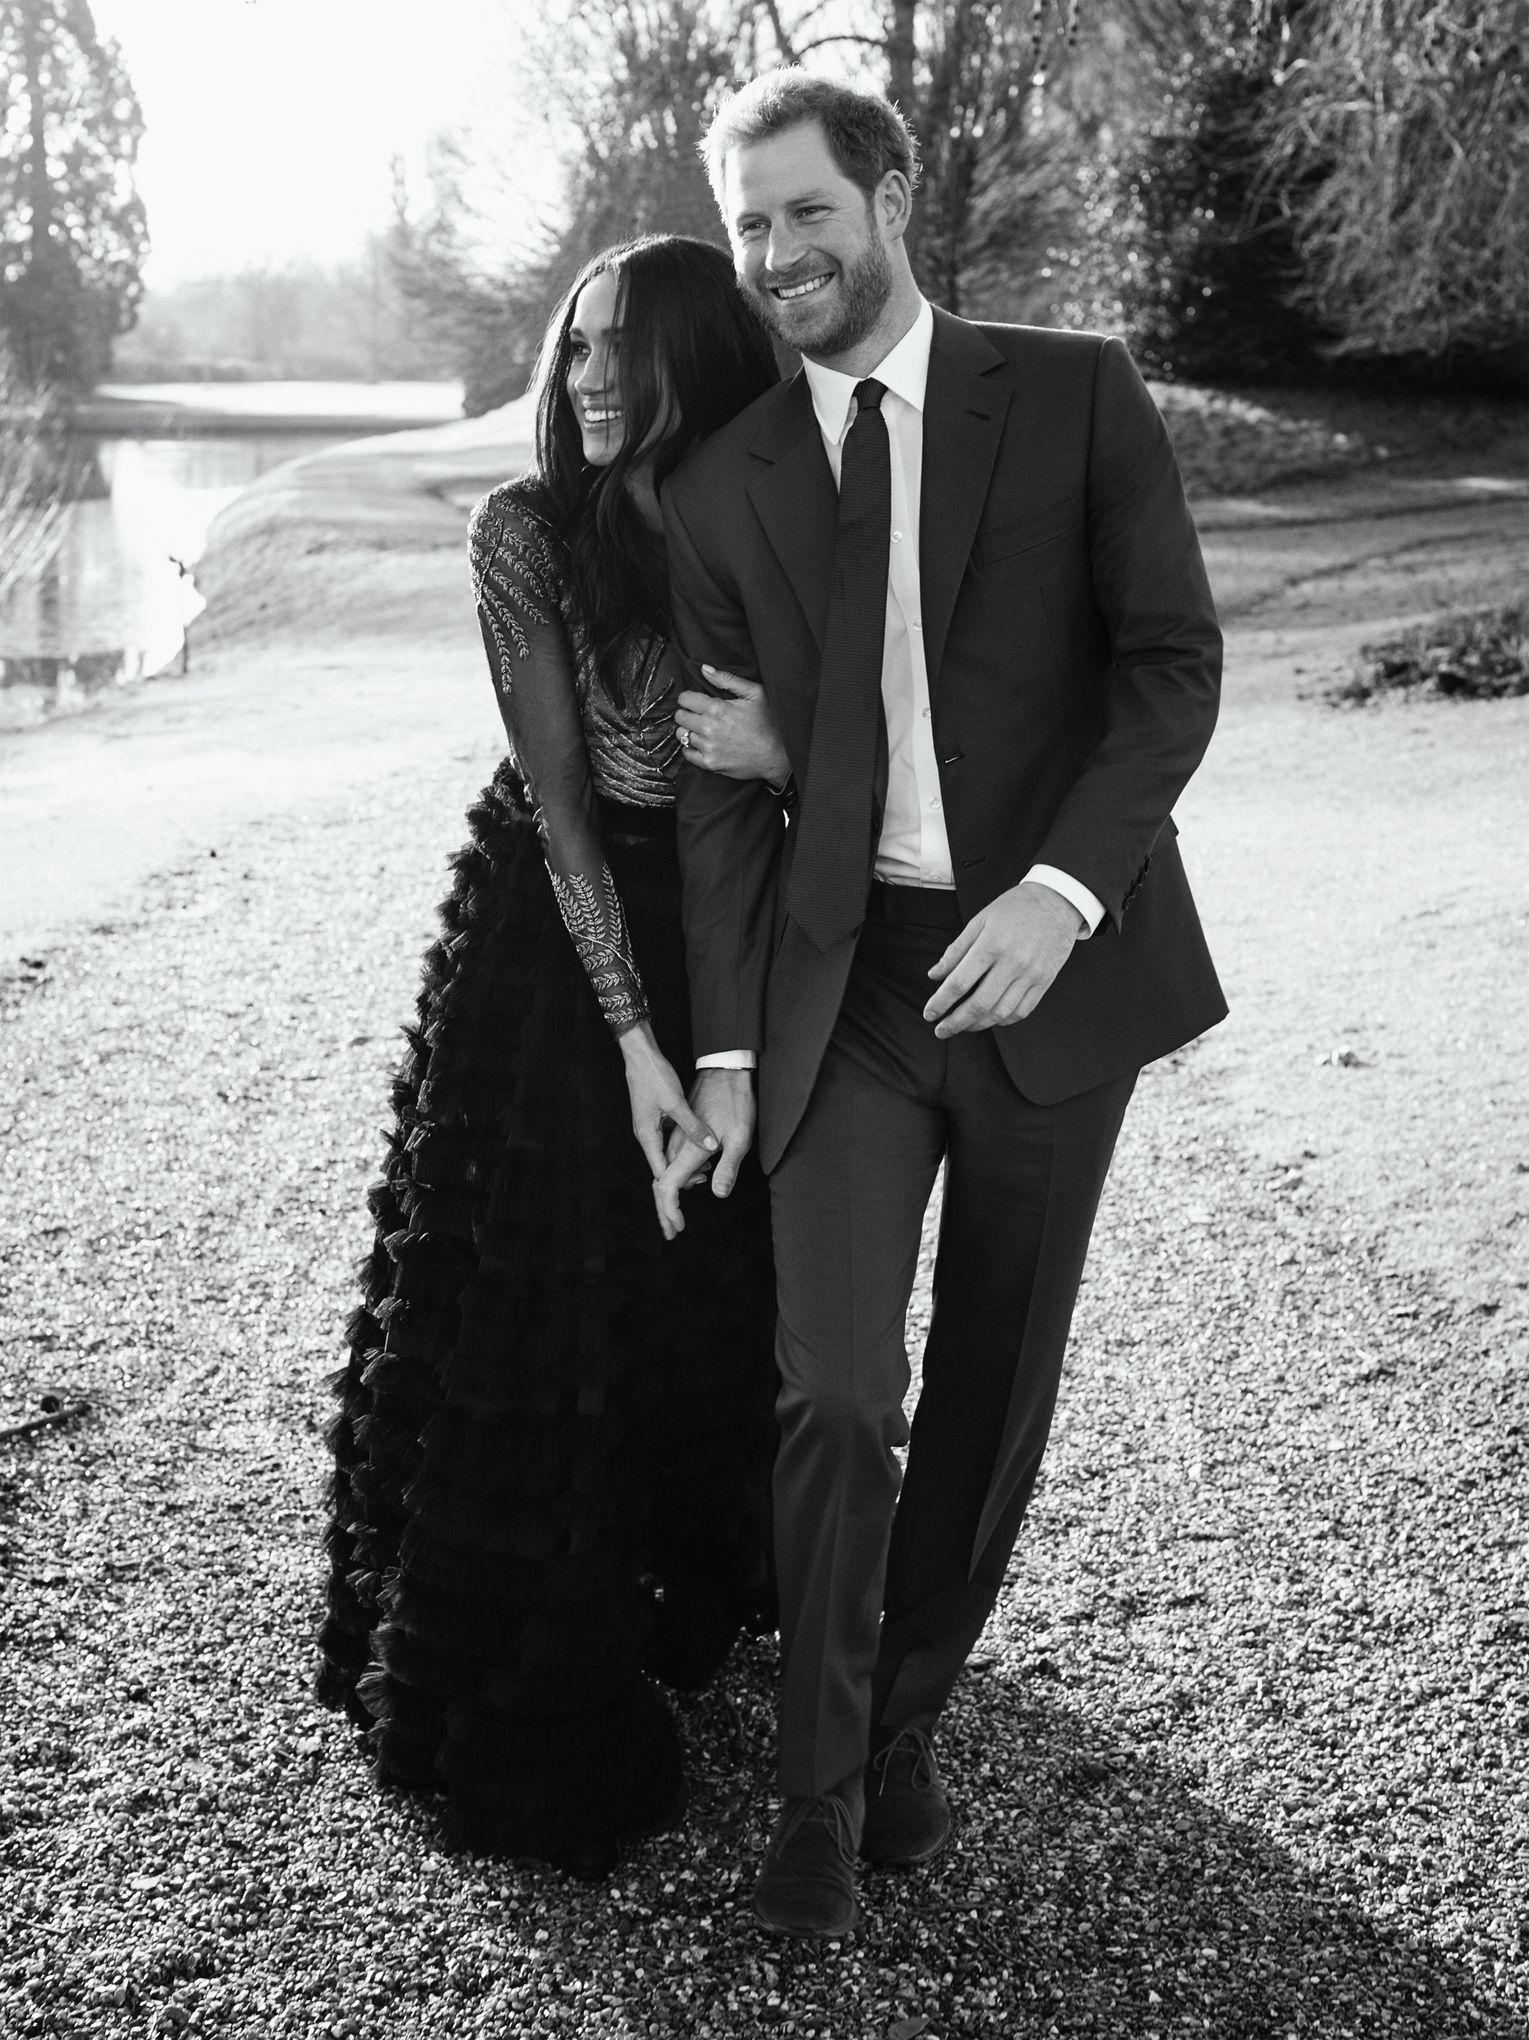 梅根, Meghan Markle, 哈利王子, 皇家婚禮